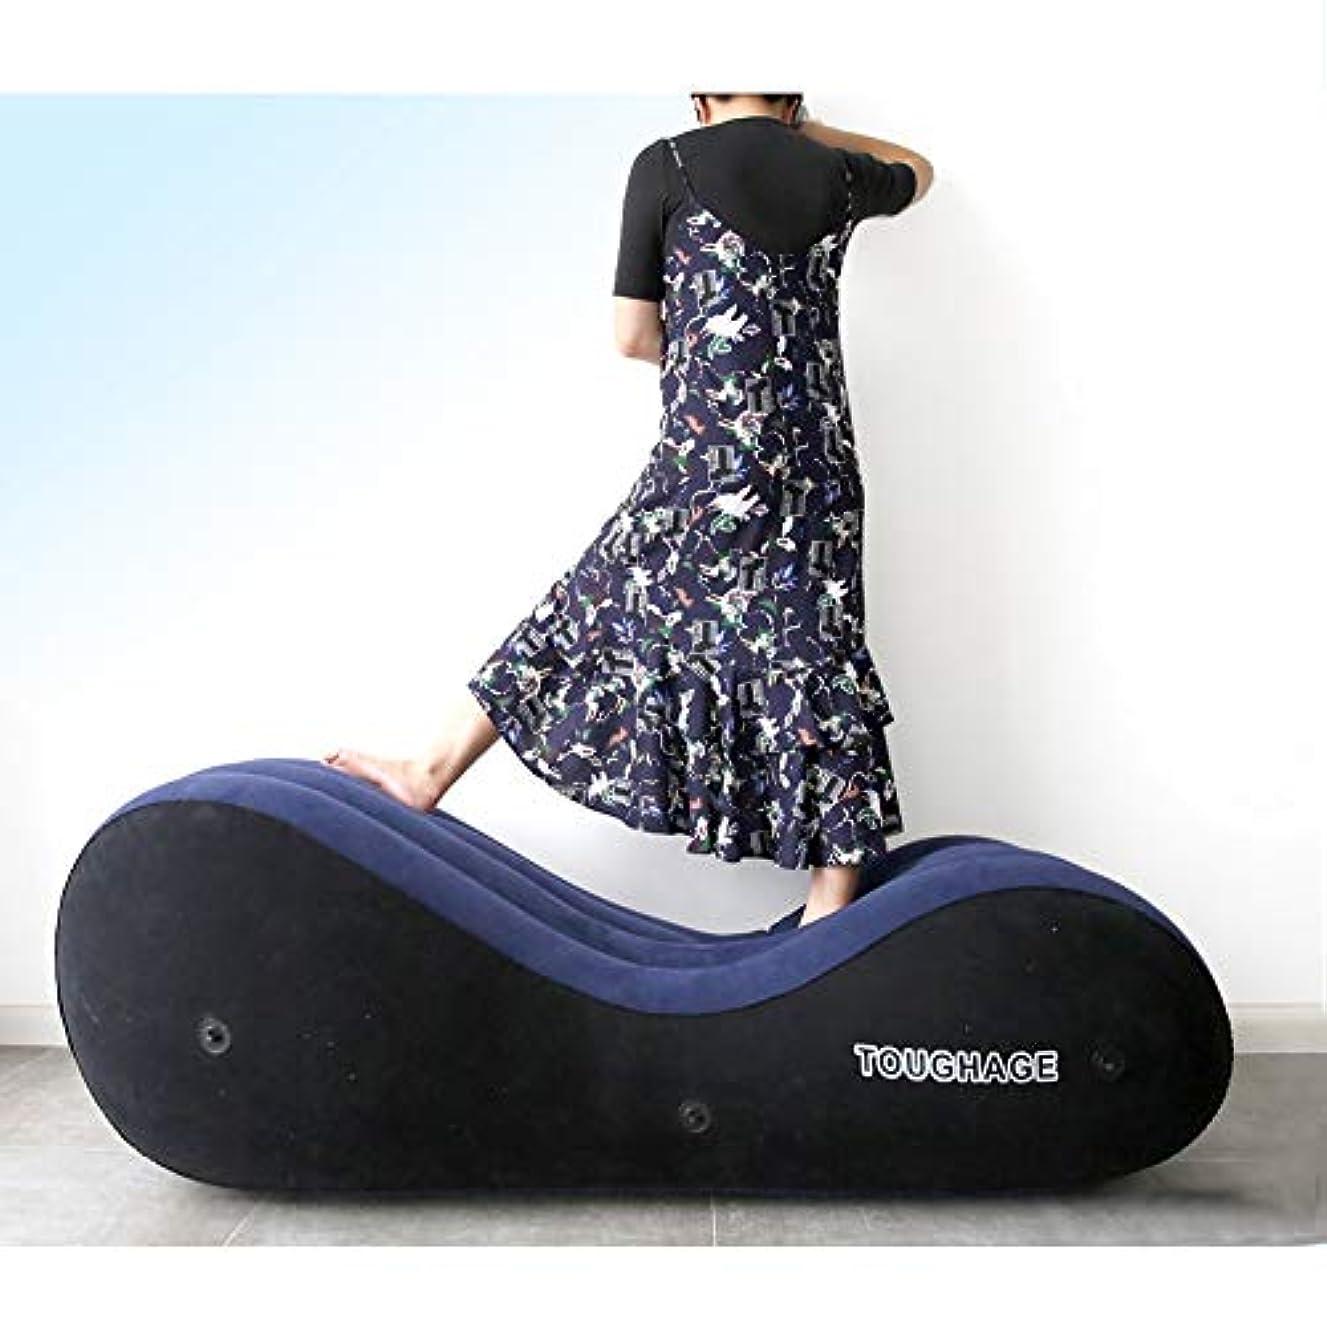 ベールマーケティングよろめくRabugoo 大人のおもちゃ 性は大人の膨脹可能なソファーのおもちゃのエアクッションの女性の性の目的をもてあそびます